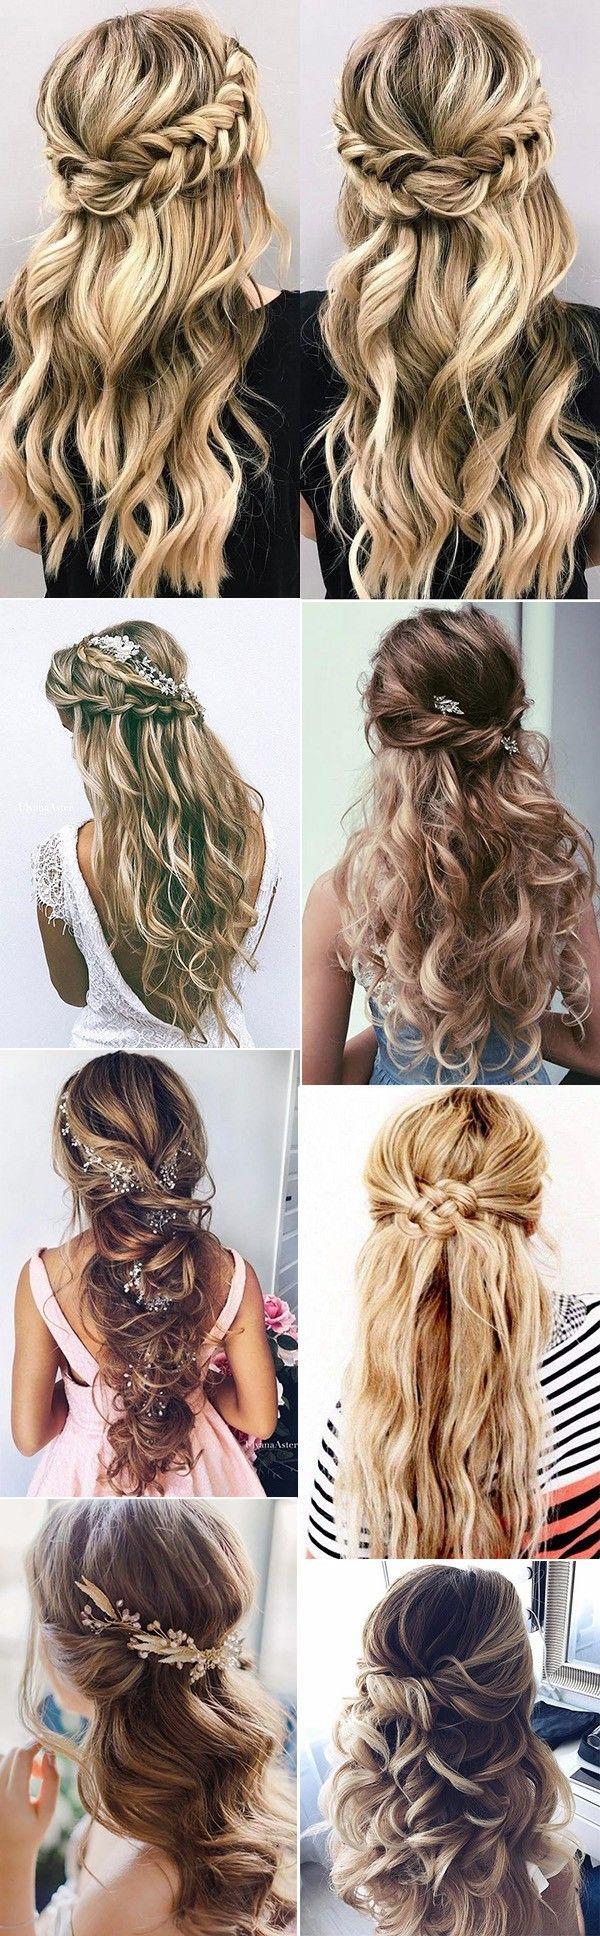 15 coiffures de mariage chic moitié moitié vers le bas pour les cheveux longs   – Hochzeit